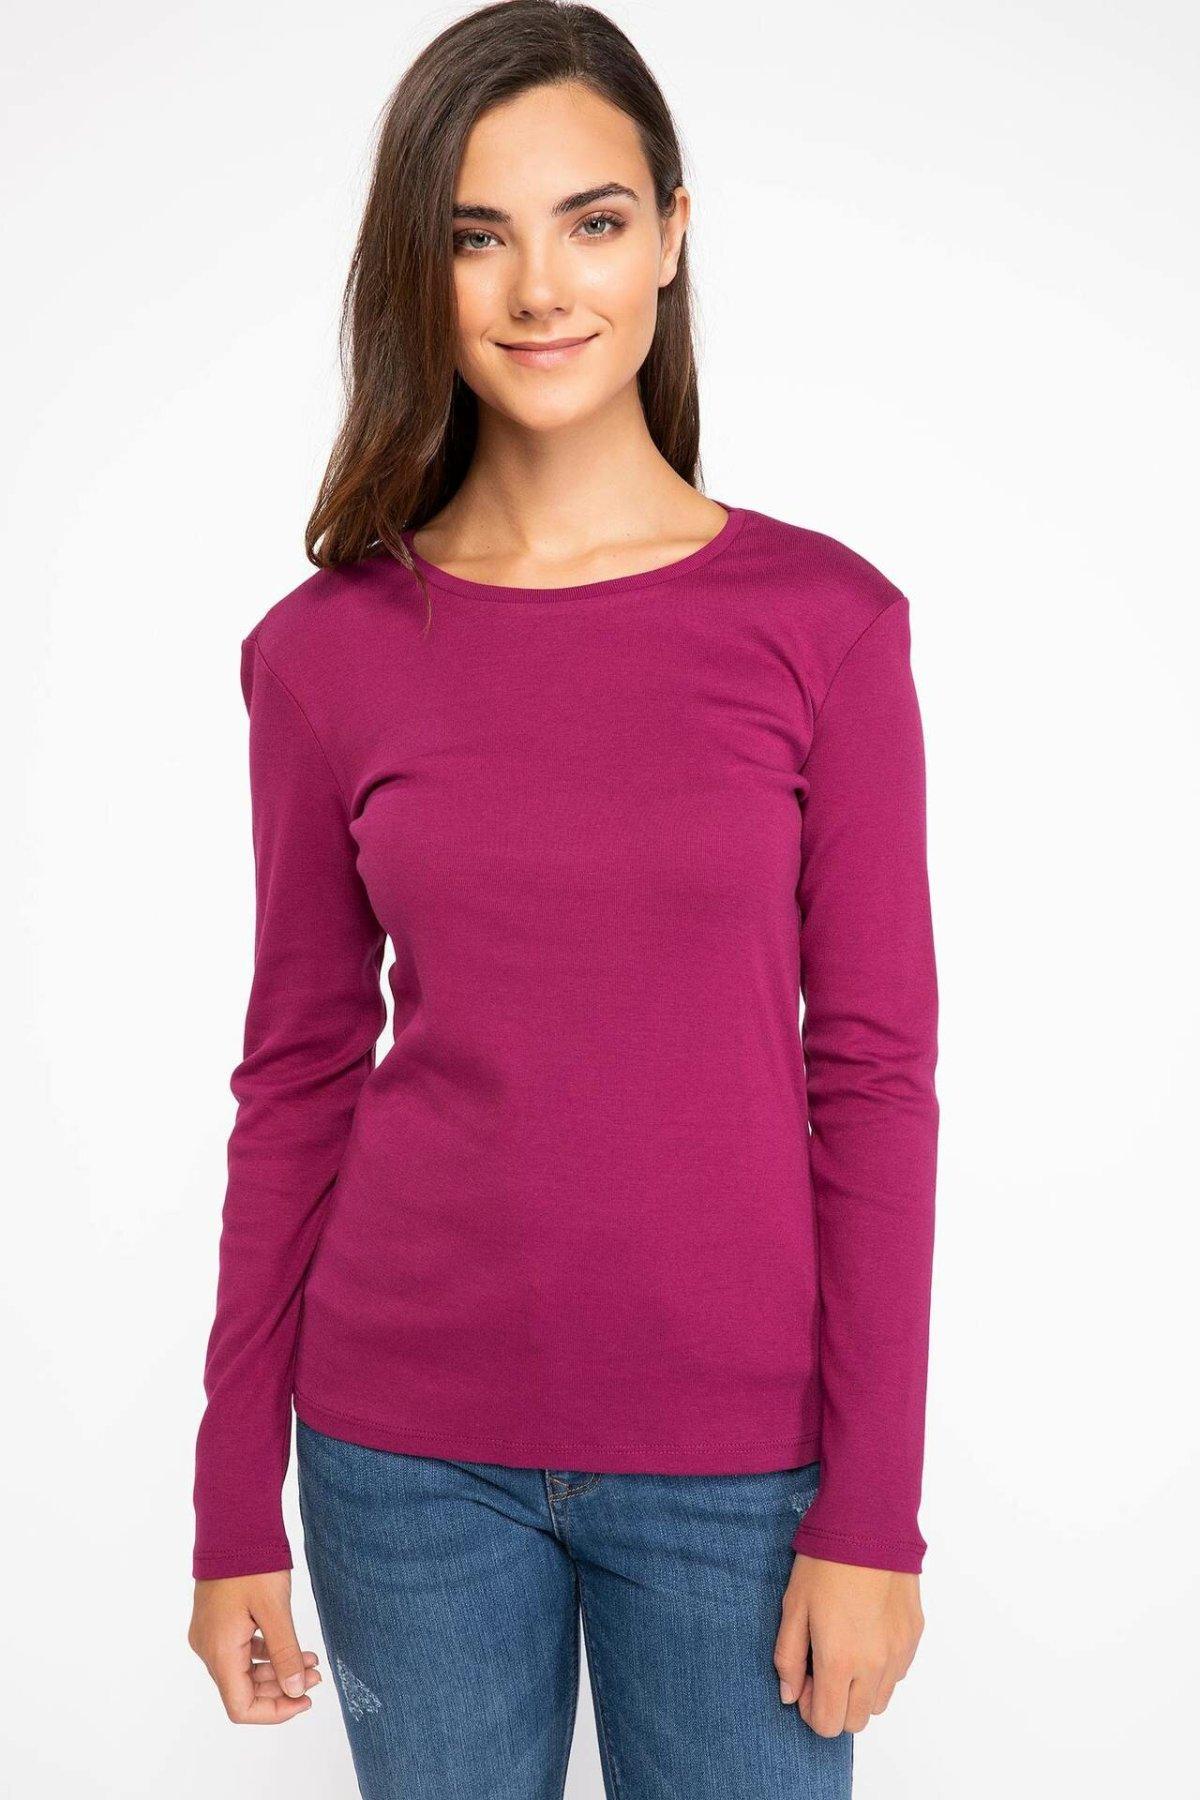 [해외]Defacto 여자 긴 소매 티셔츠 여성 꽉 솔리드 컬러 탑 티셔츠 캐주얼 o-넥 탑 천으로 Autumn-G5367AZ18AU/Defacto 여자 긴 소매 티셔츠 여성 꽉 솔리드 컬러 탑 티셔츠 캐주얼 o-넥 탑 천으로 Autumn-G5367A